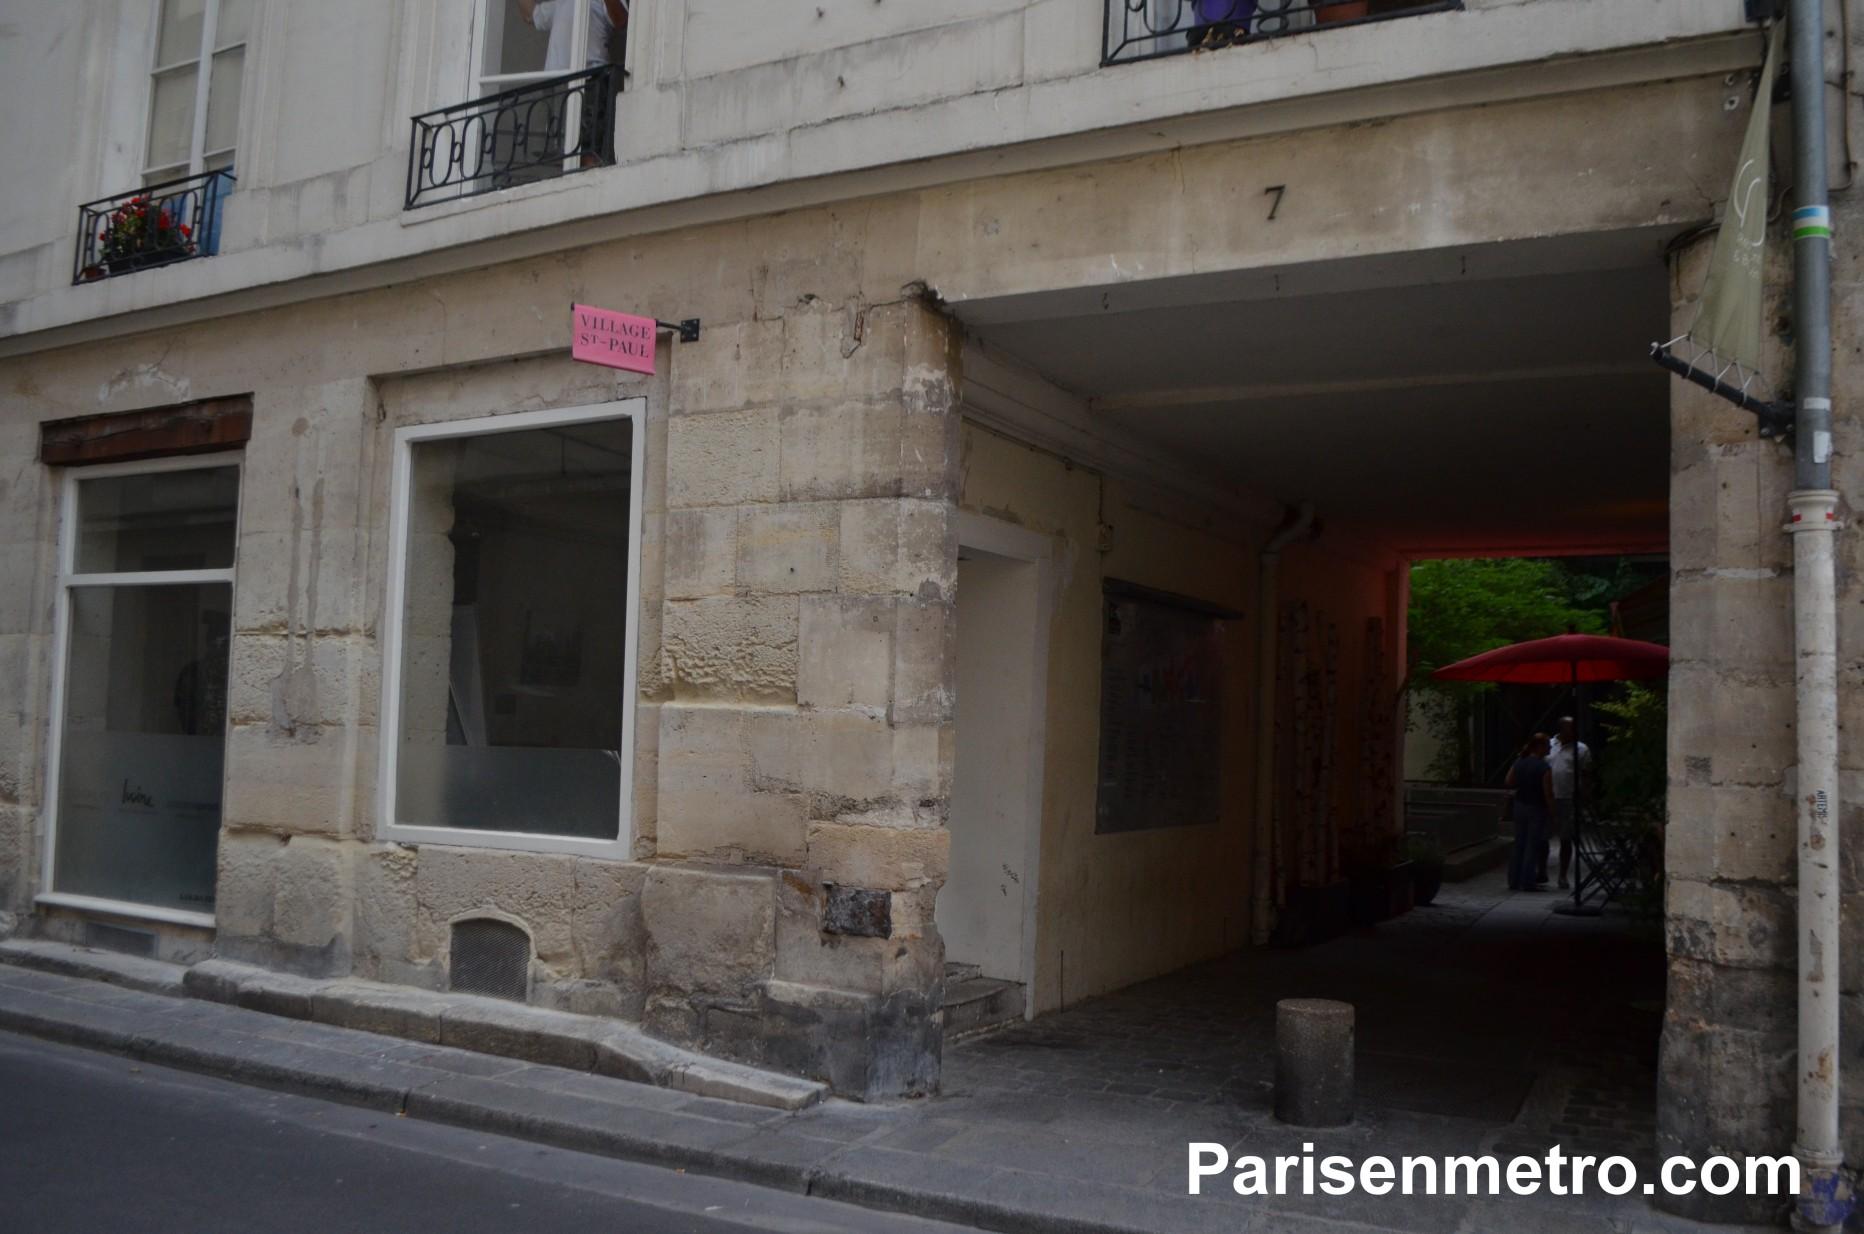 La Village Saint-Paul